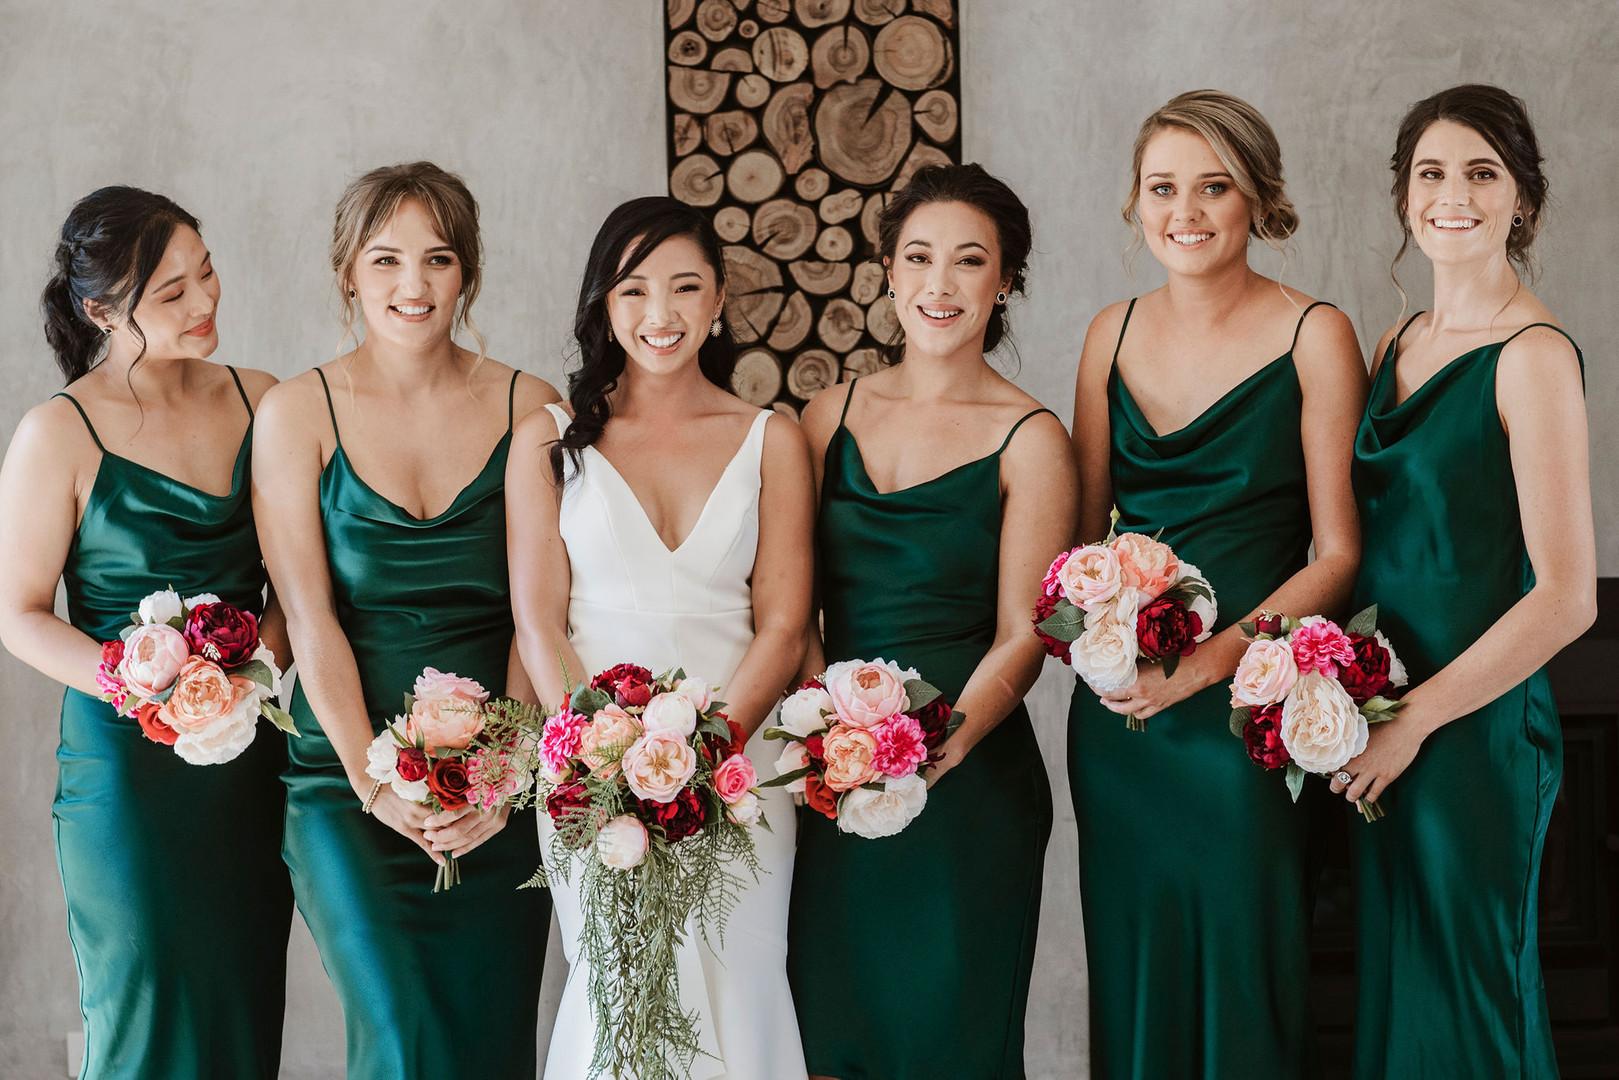 Melbourne wedding florist flowers artificial silk bouquets hire